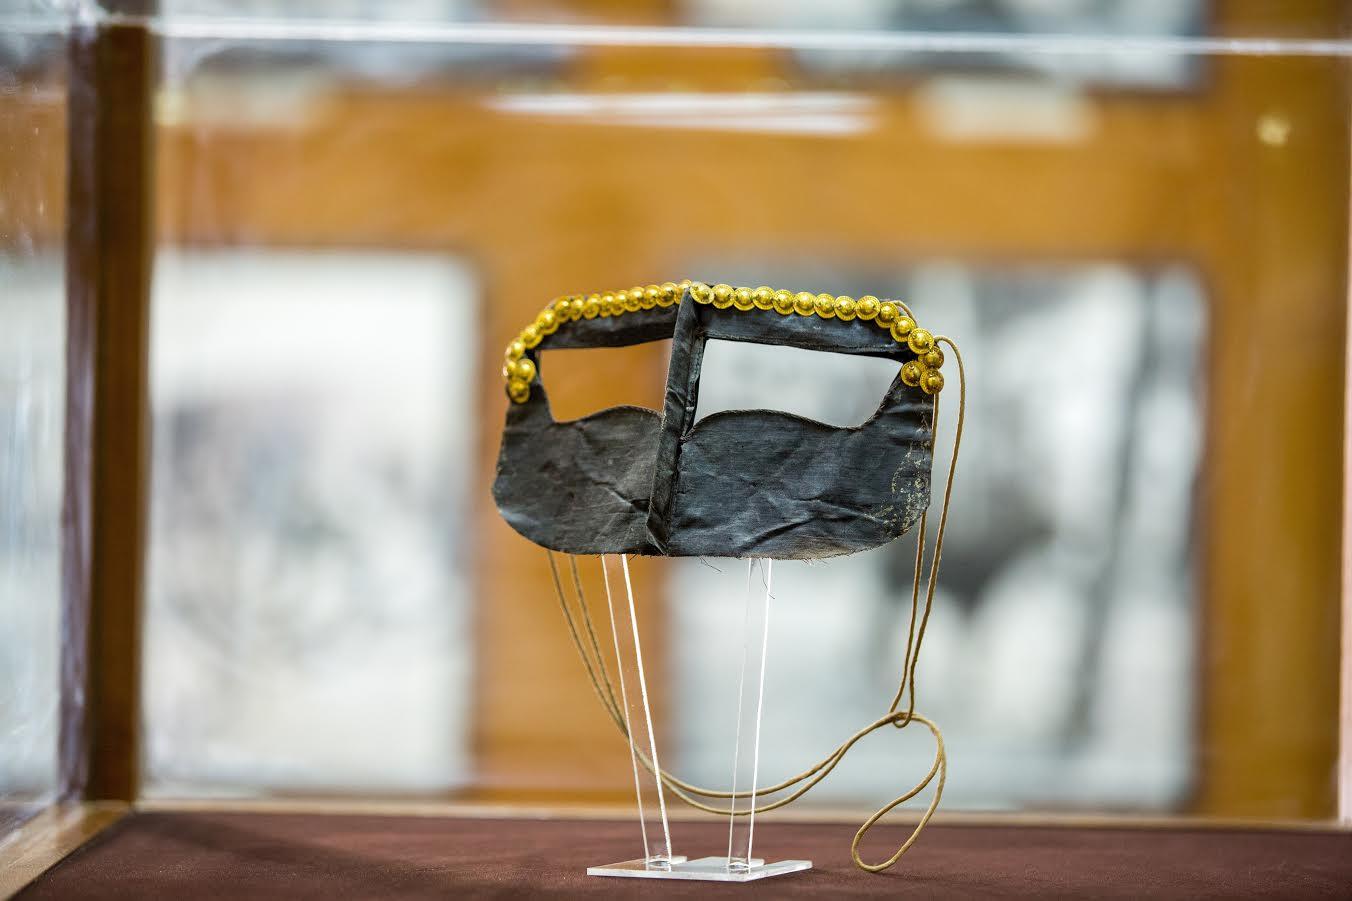 متحف العين الوطني يسلط الضوء على قطعة برقع بونيوم